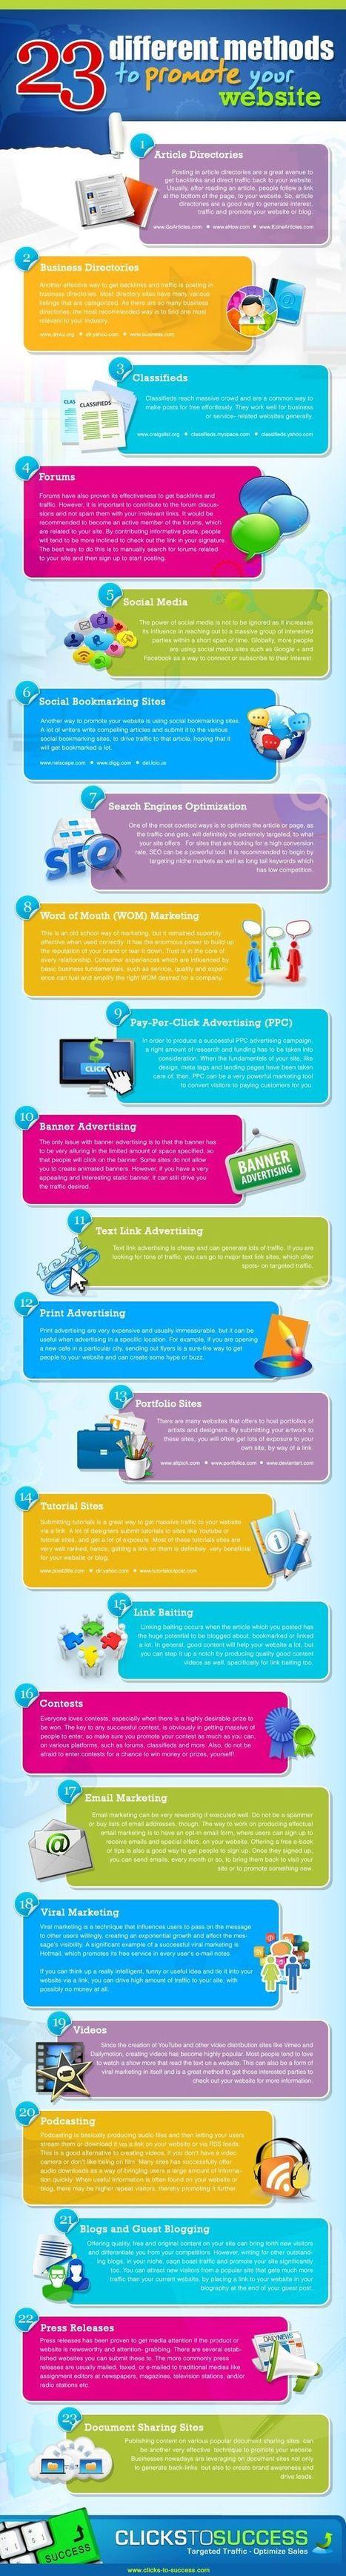 23 méthodes différentes pour trouver des clients. | Trouver des clients | Scoop.it